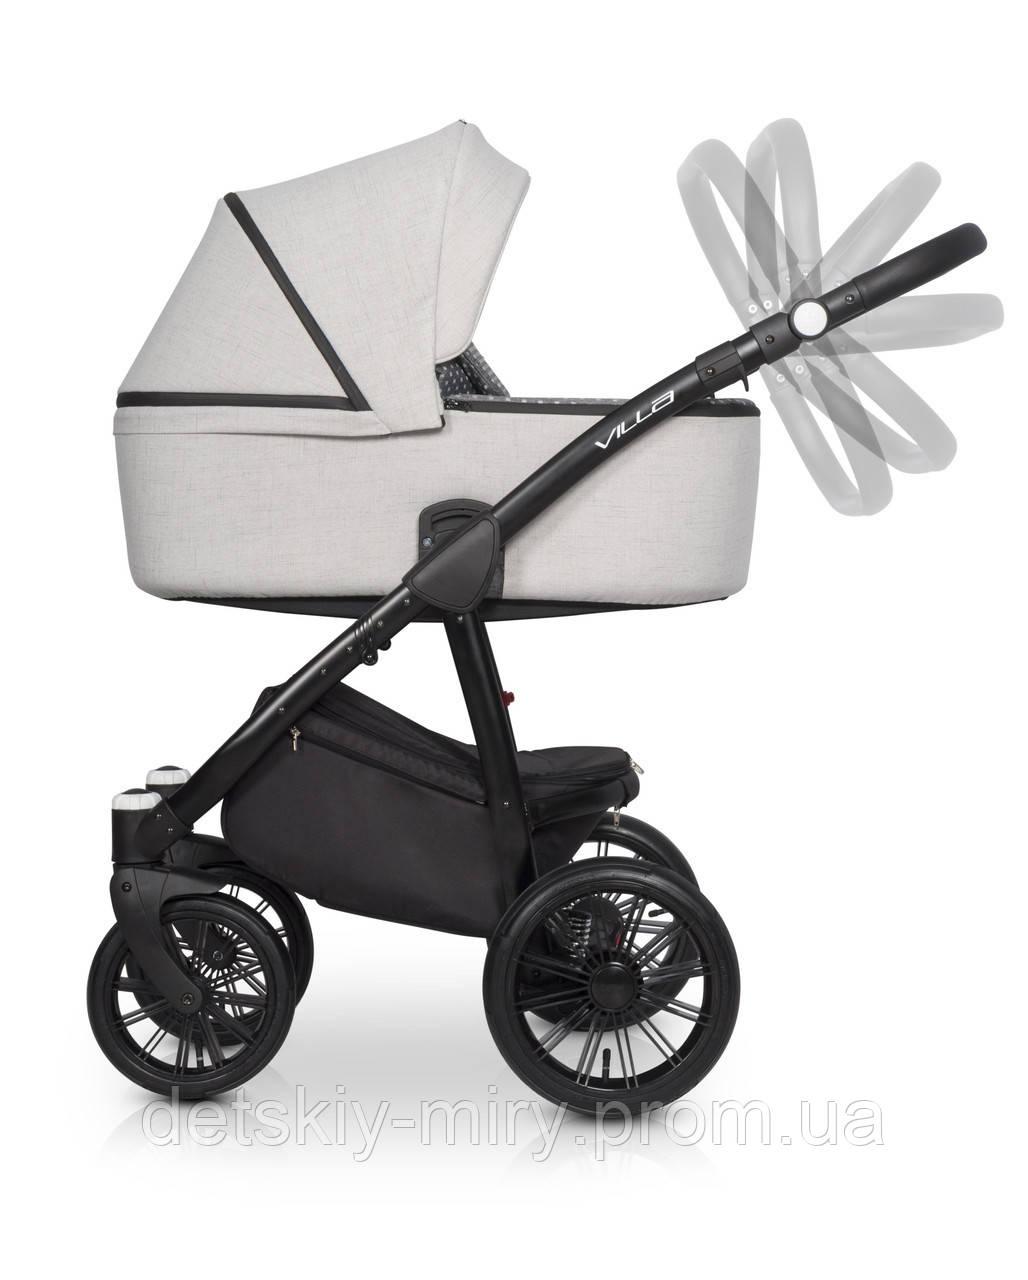 Детская универсальная коляска 2 в 1 Riko Villa - фото 8